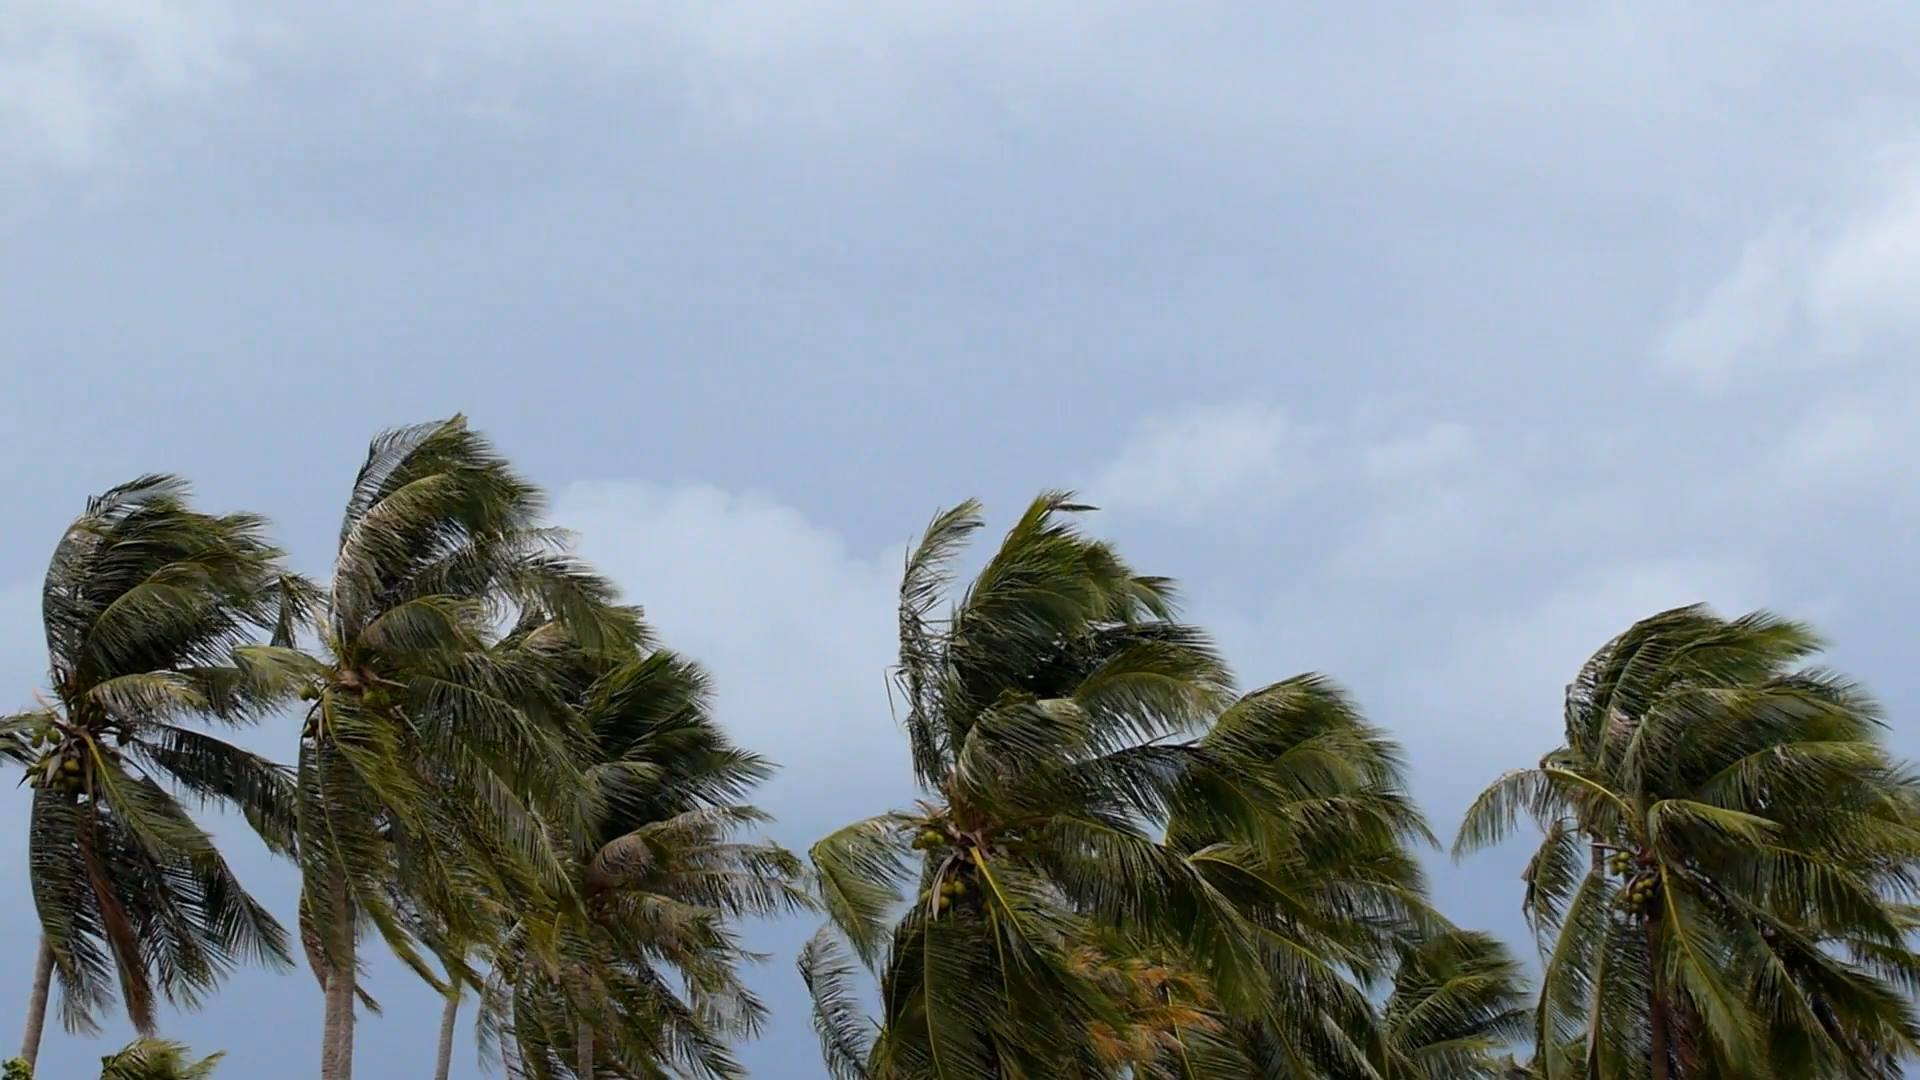 თბილ ამინდს ხვალ ქარიშხალი და წვიმა შეცვლის